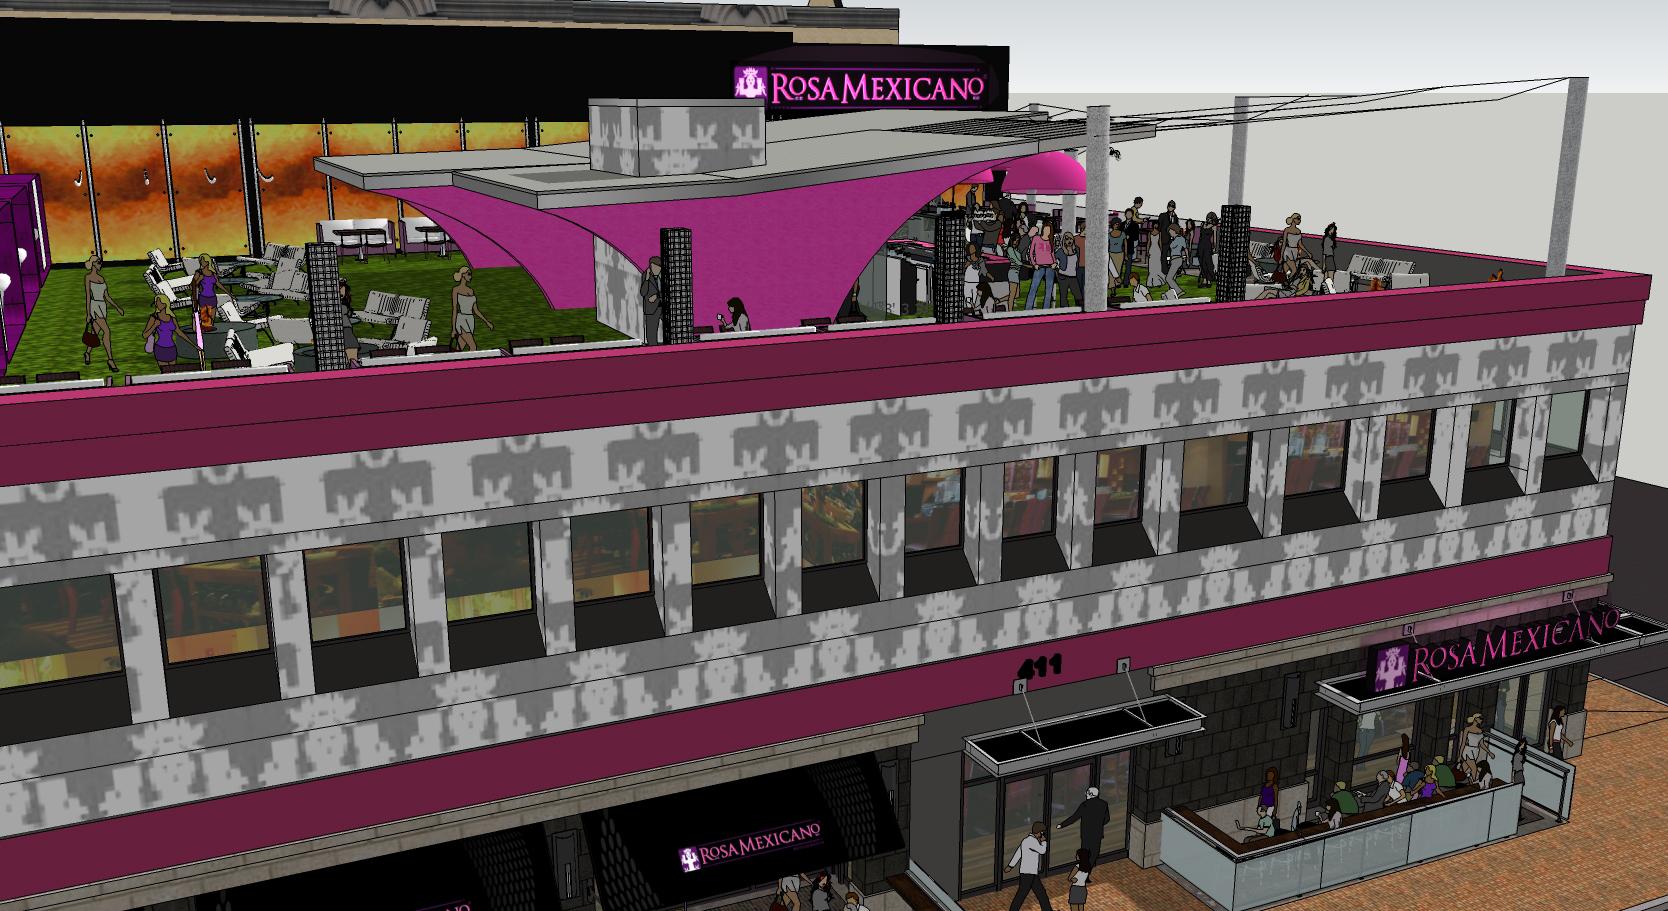 411_model-rosa-mexicano-3.jpg